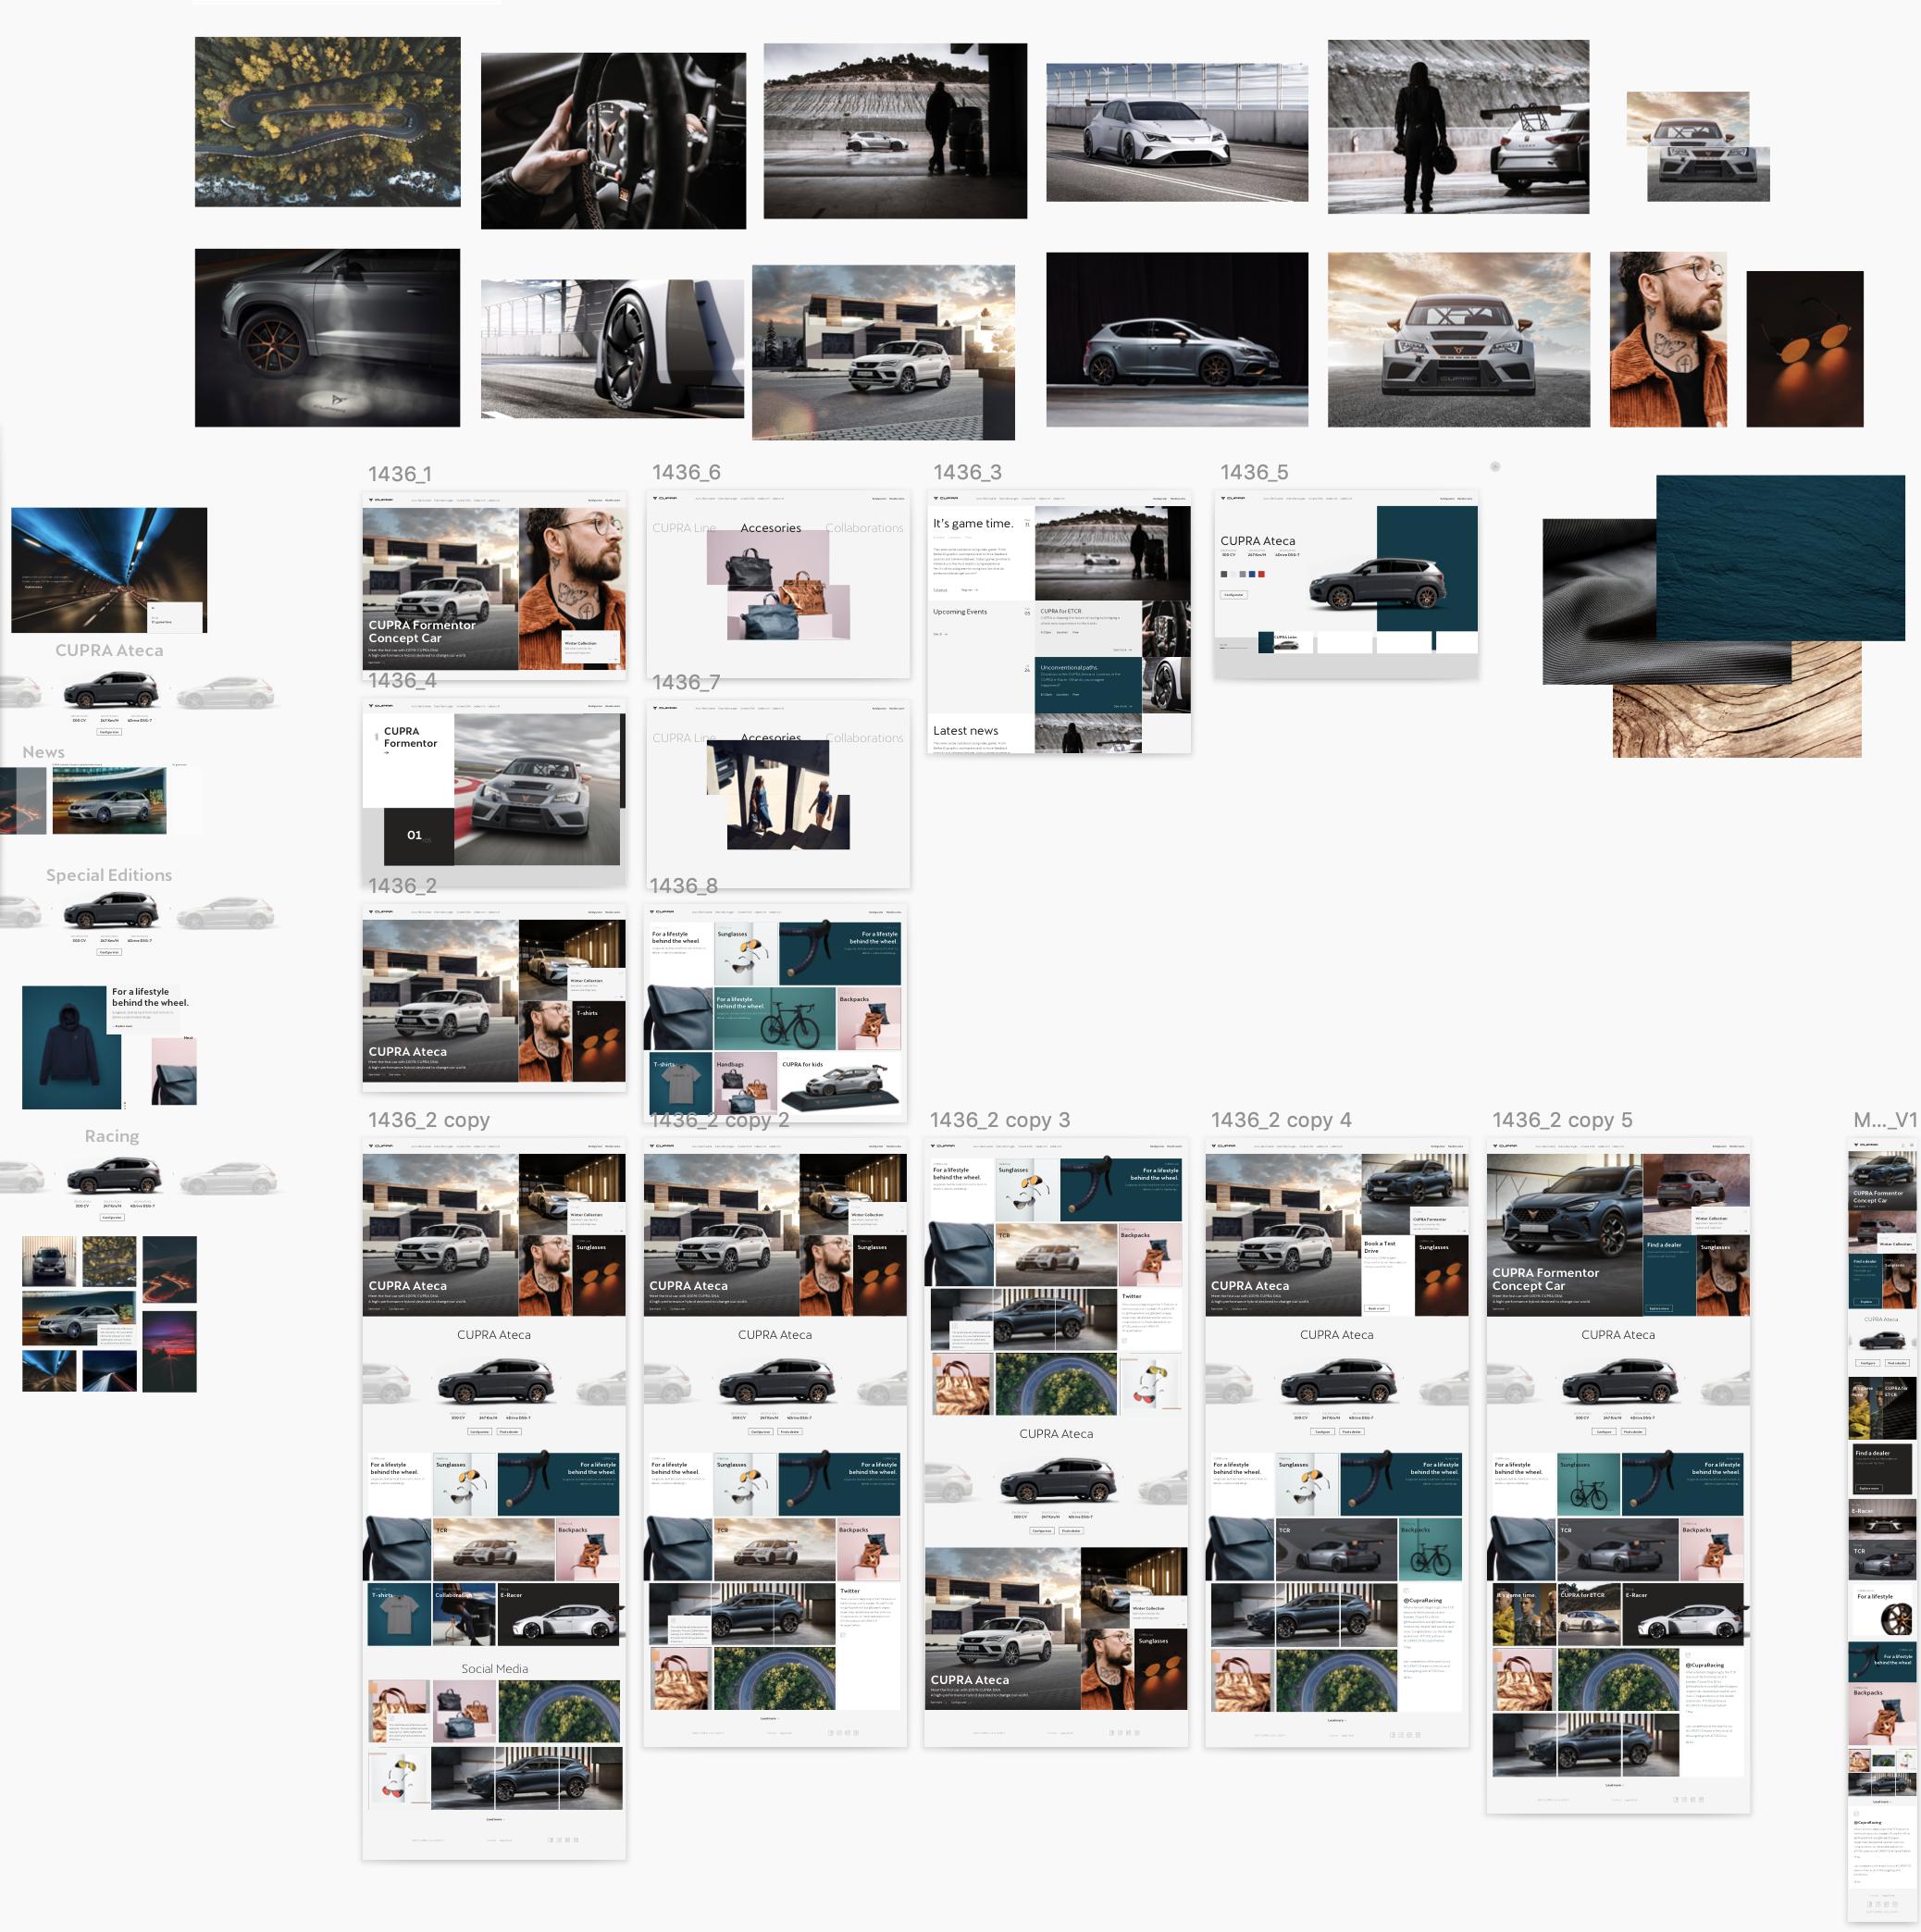 Captura de pantalla 2019-11-12 a las 16.47.50